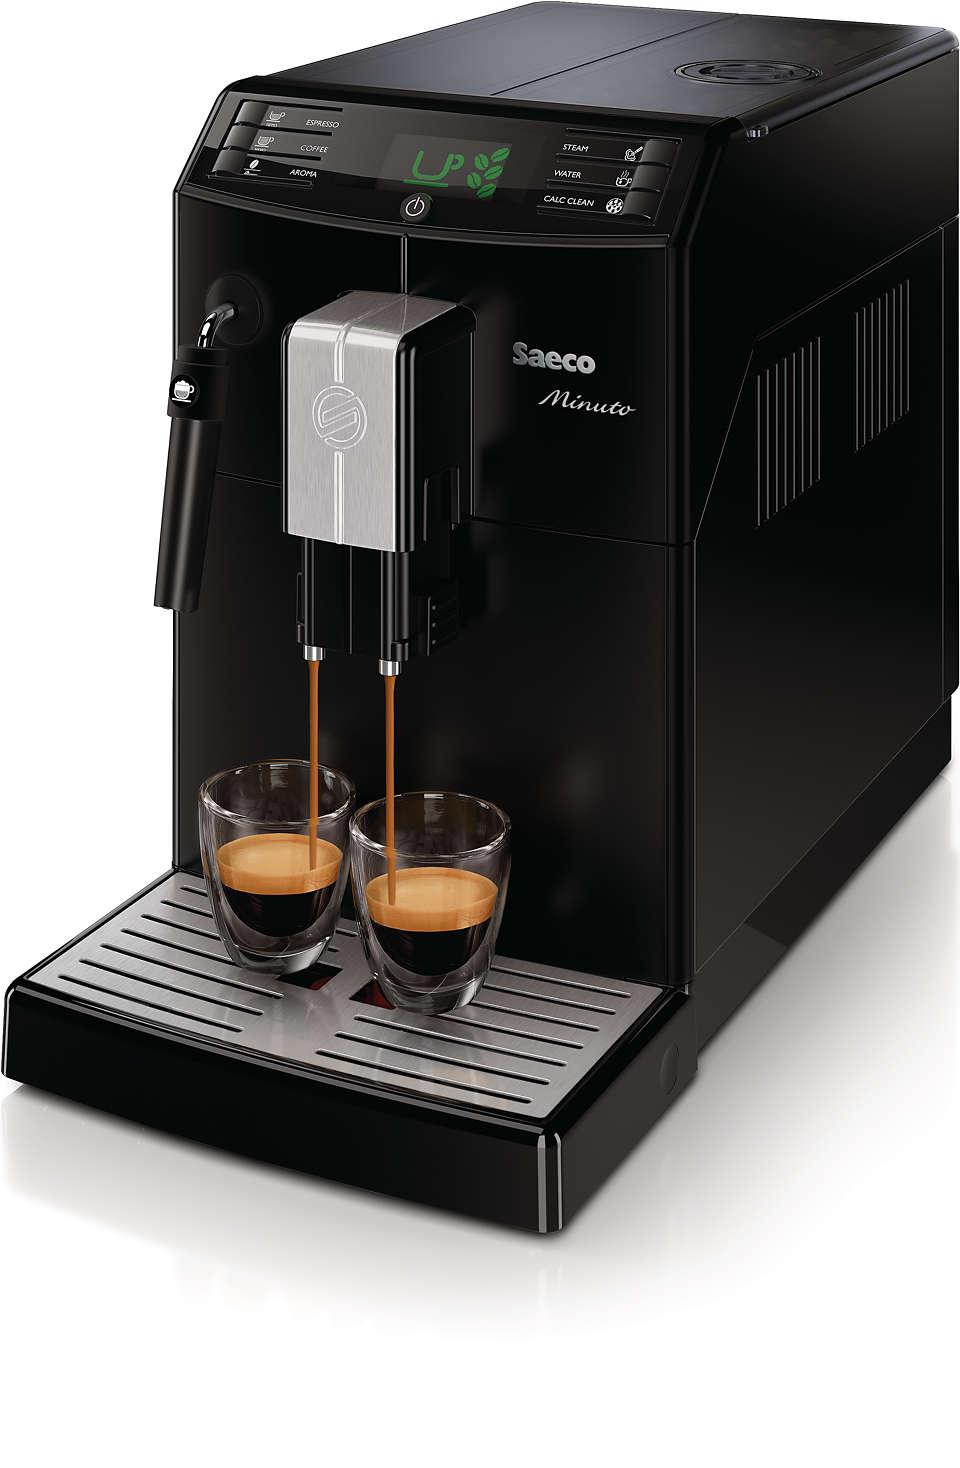 彈指之間即可享受您最愛的咖啡